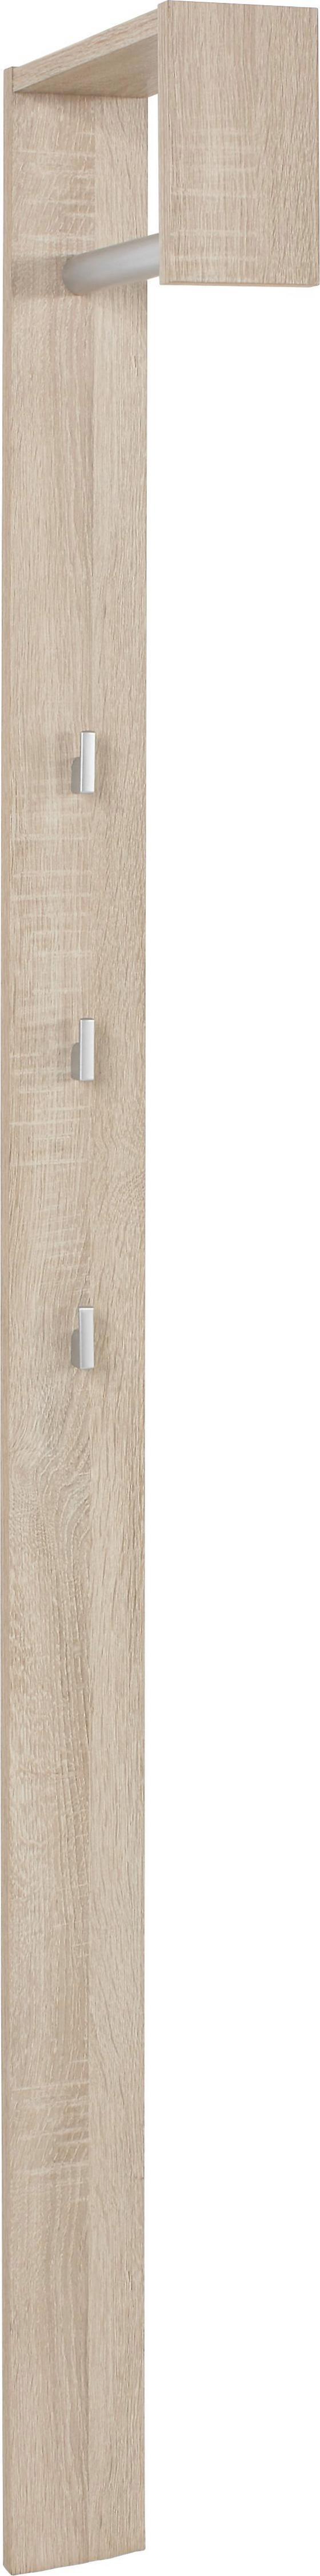 Előszoba Panel Senex - Sonoma tölgy, modern, Fa (10/170/33cm)